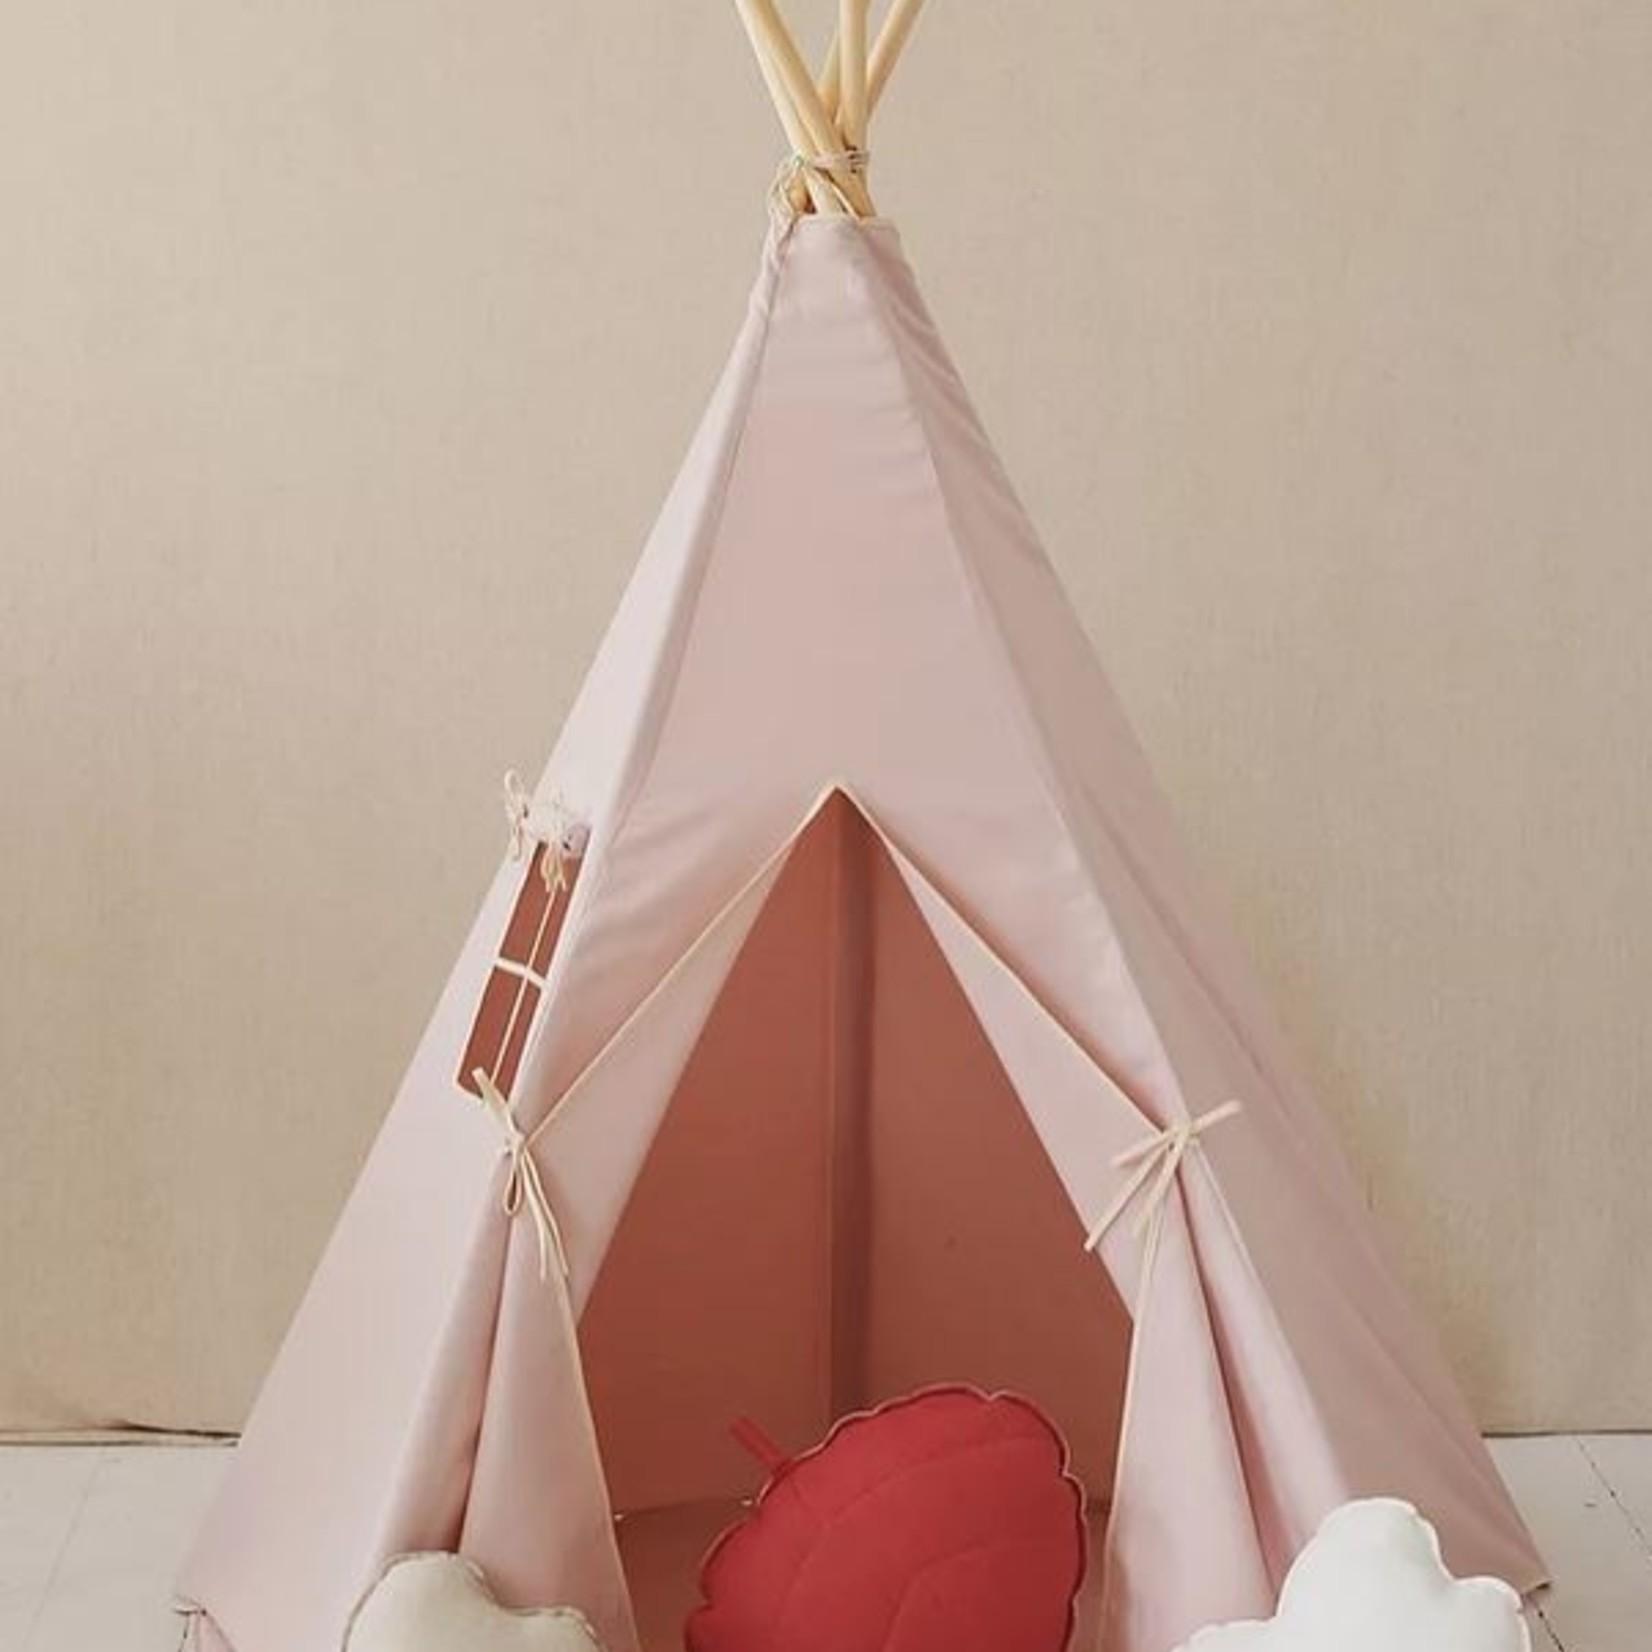 Moi Mili Classic Tipi tent PINK -Moi Mili